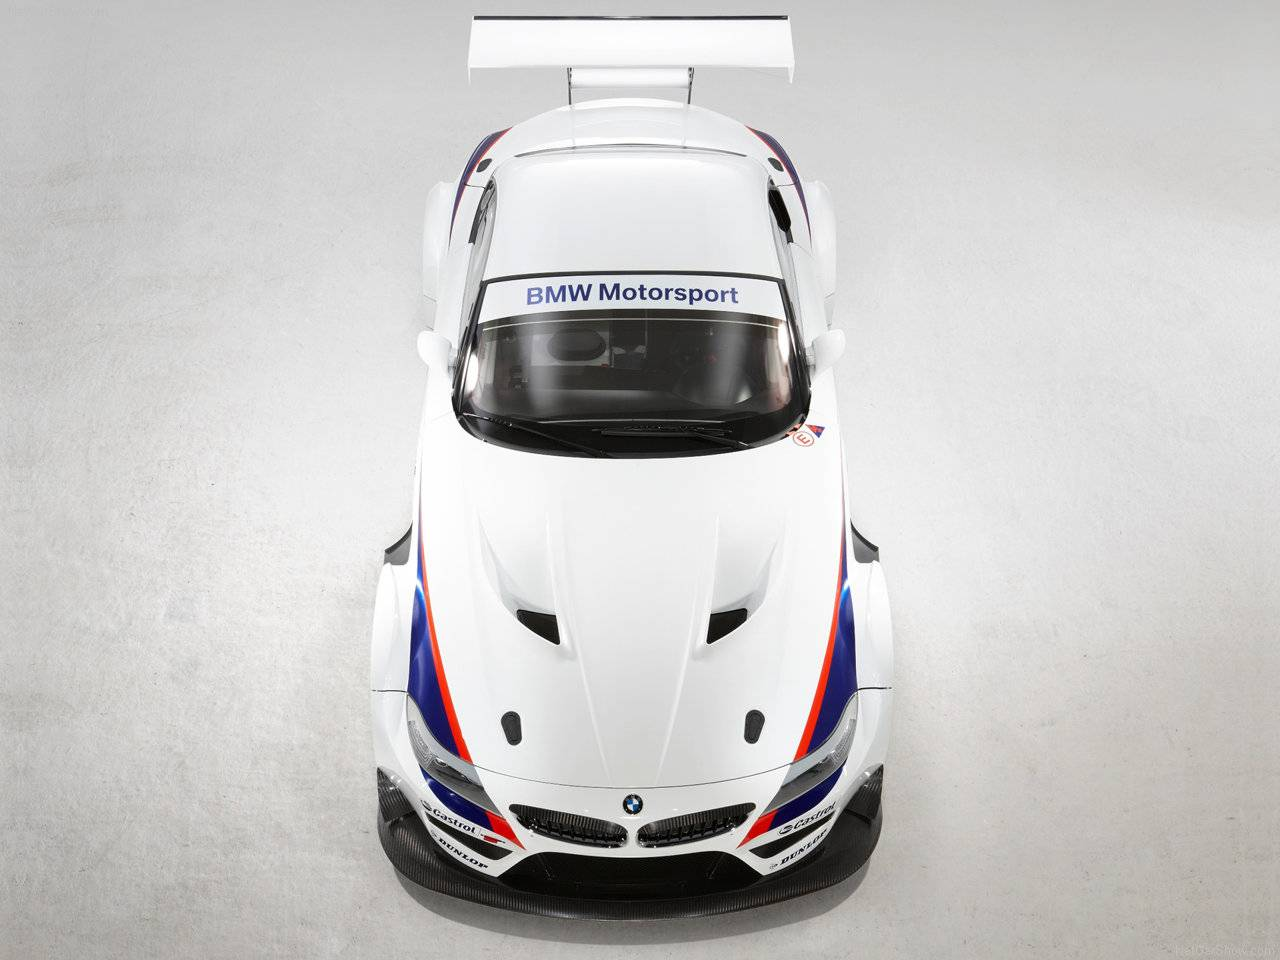 http://1.bp.blogspot.com/_lsyt_wQ2awY/TDQd3UrVKQI/AAAAAAAB65s/w-r1B7tksik/s1600/BMW-Z4_GT3_2010_1280x960_wallpaper_02.jpg